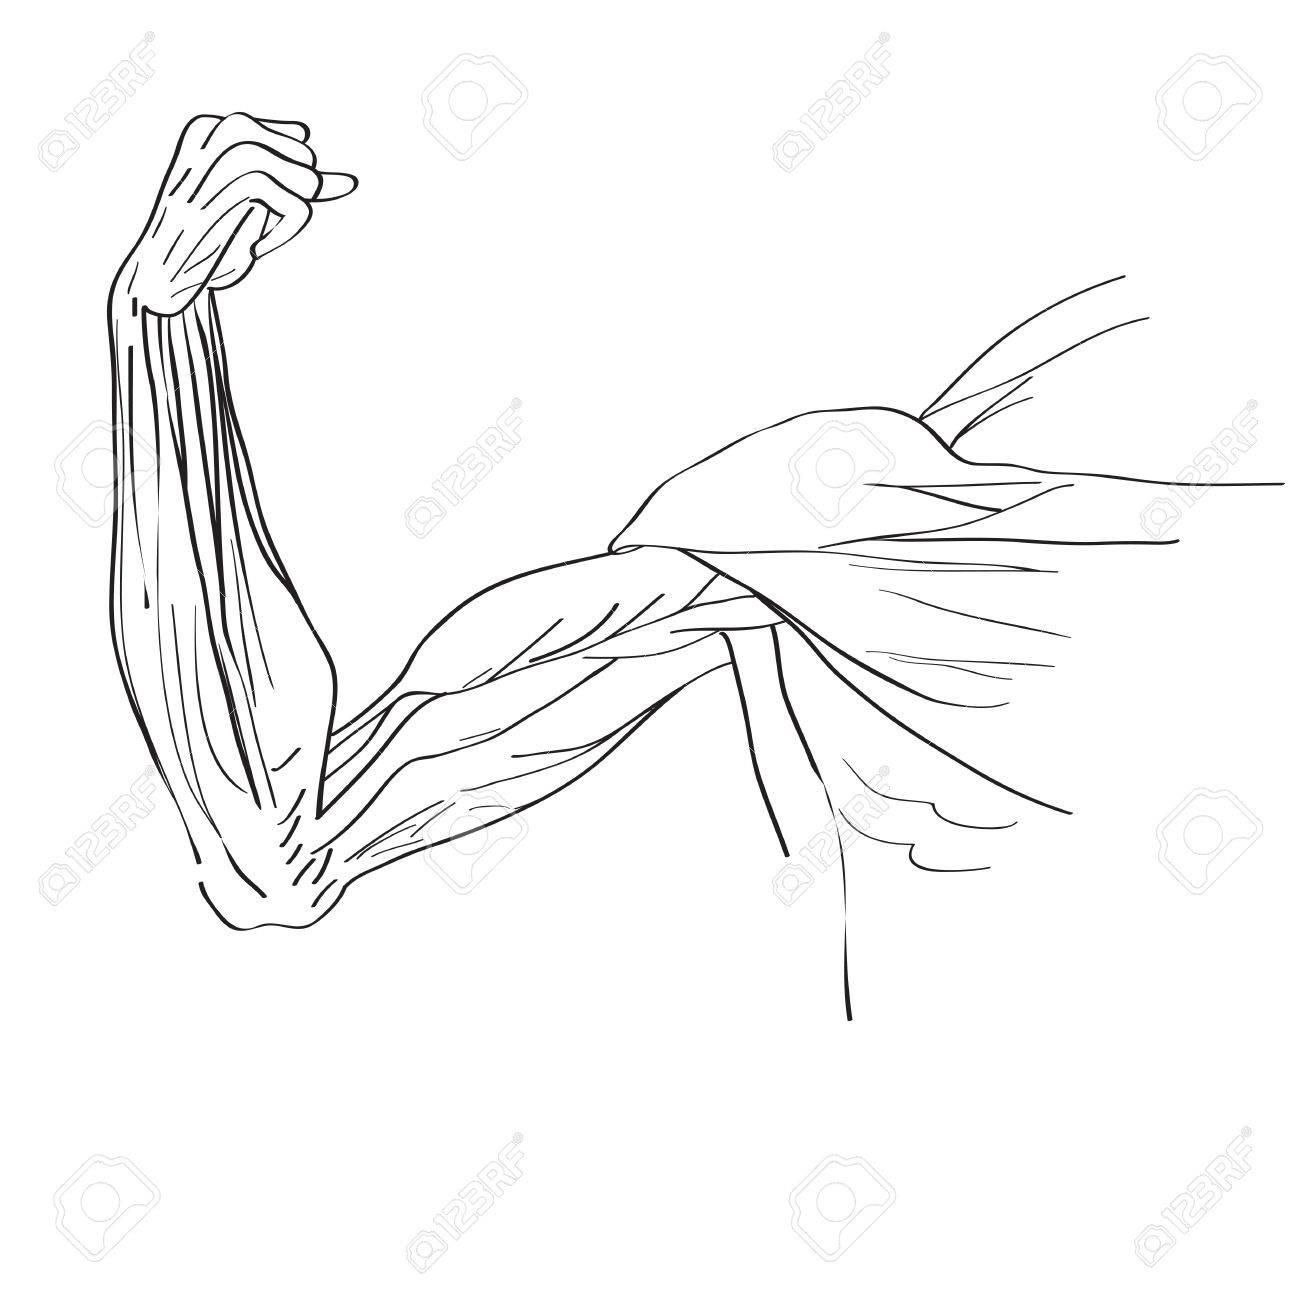 Ilustración De Los Músculos De Los Brazos, El Estudio Gráfico De ...